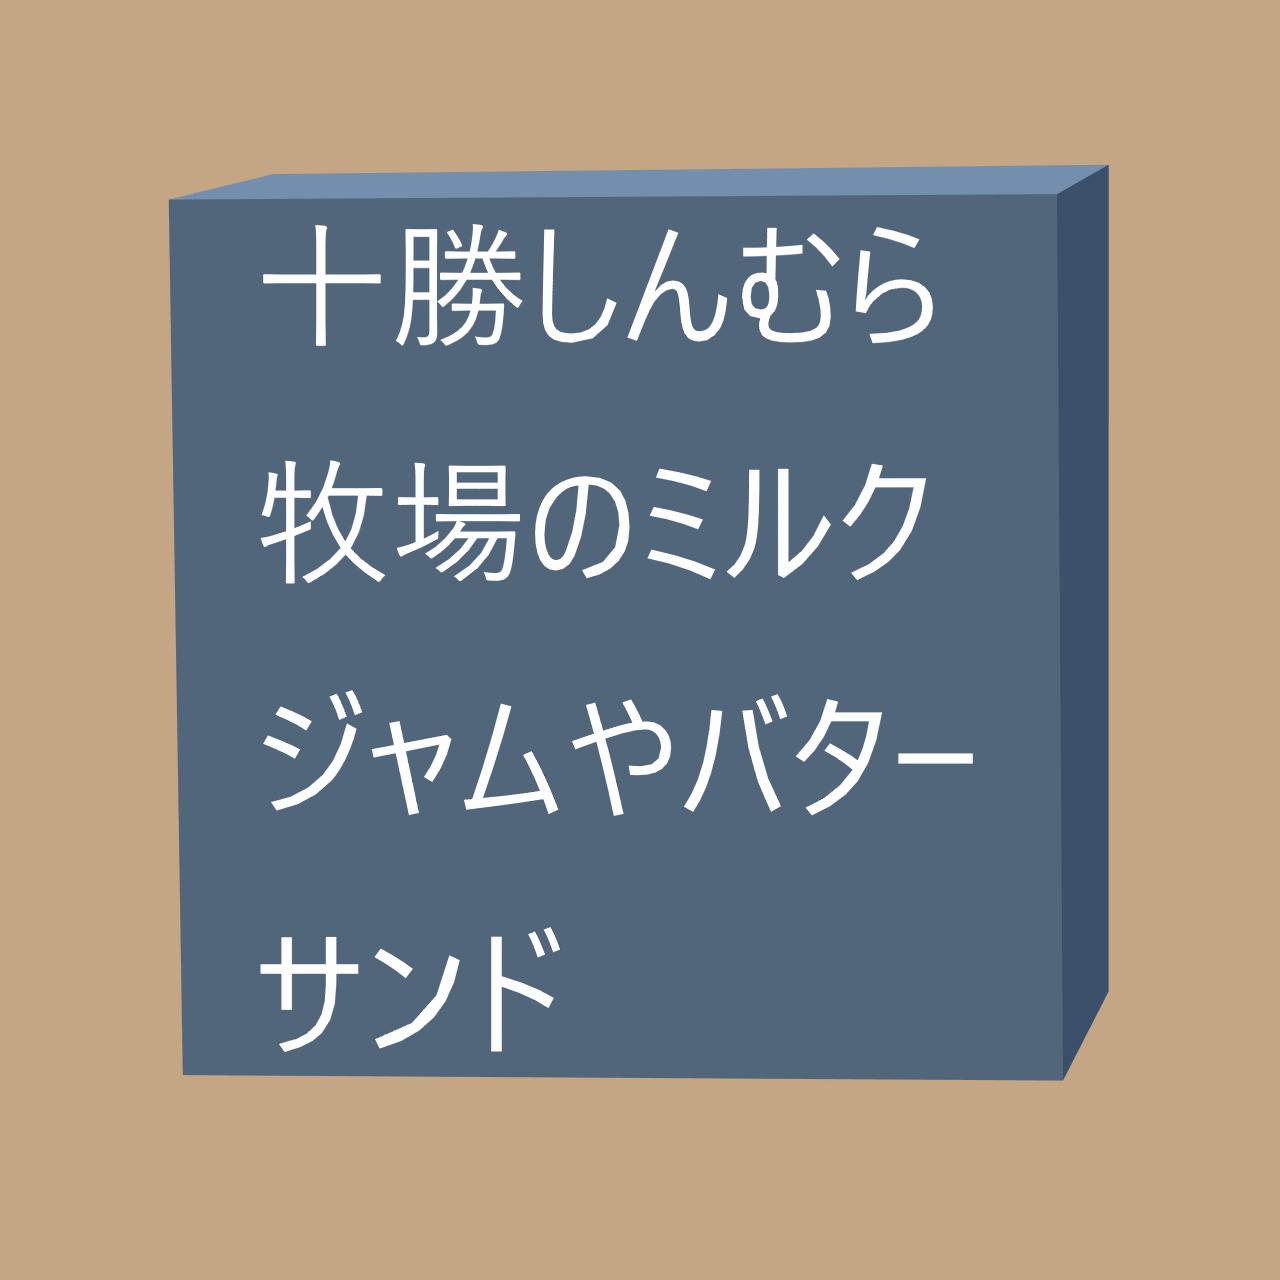 十勝(とかち)しんむら牧場(ぼくじょう)のミルクジャムや店舗(てんぽ)、バターサンドや新千歳空港(しんちとせくうこう)、東京やクロテッドクリーム、クリームテラスやソフトクリーム、取扱店(とりあつかいてん)やミルクジャムセット、ミルクジャム5種(しゅ)やスコーン、アフタヌーンティーセットやミルクジャムの口コミとは?にかかる画像(がぞう)